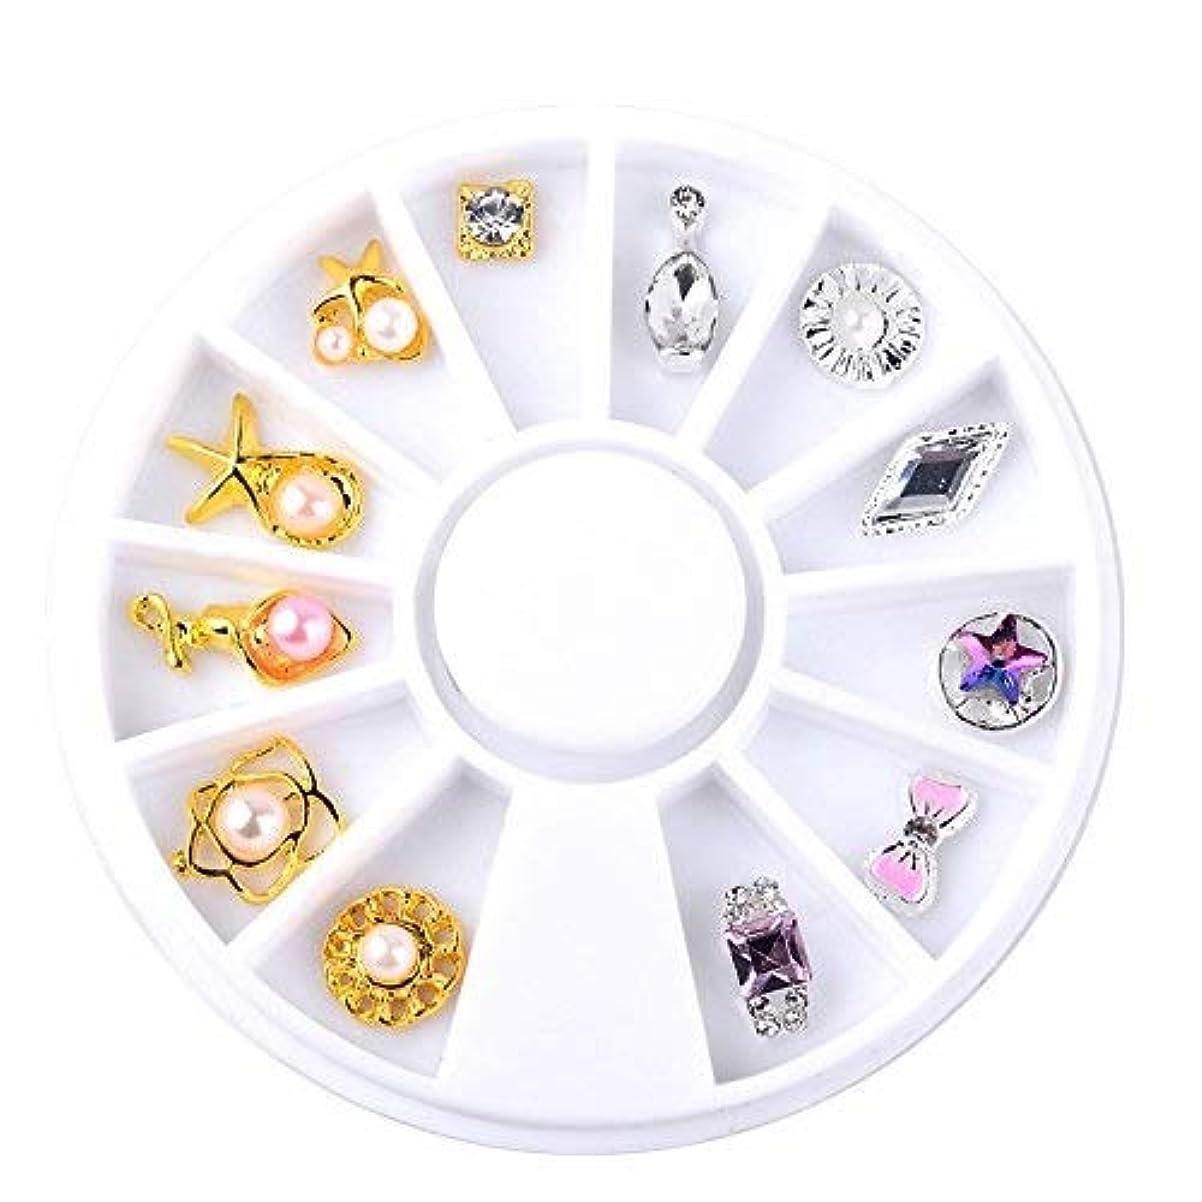 HAPPY HOME キラキラ3dネイルの蝶ネクタイティアドロップデザインネイルアートラインストーンDlY装飾ツール